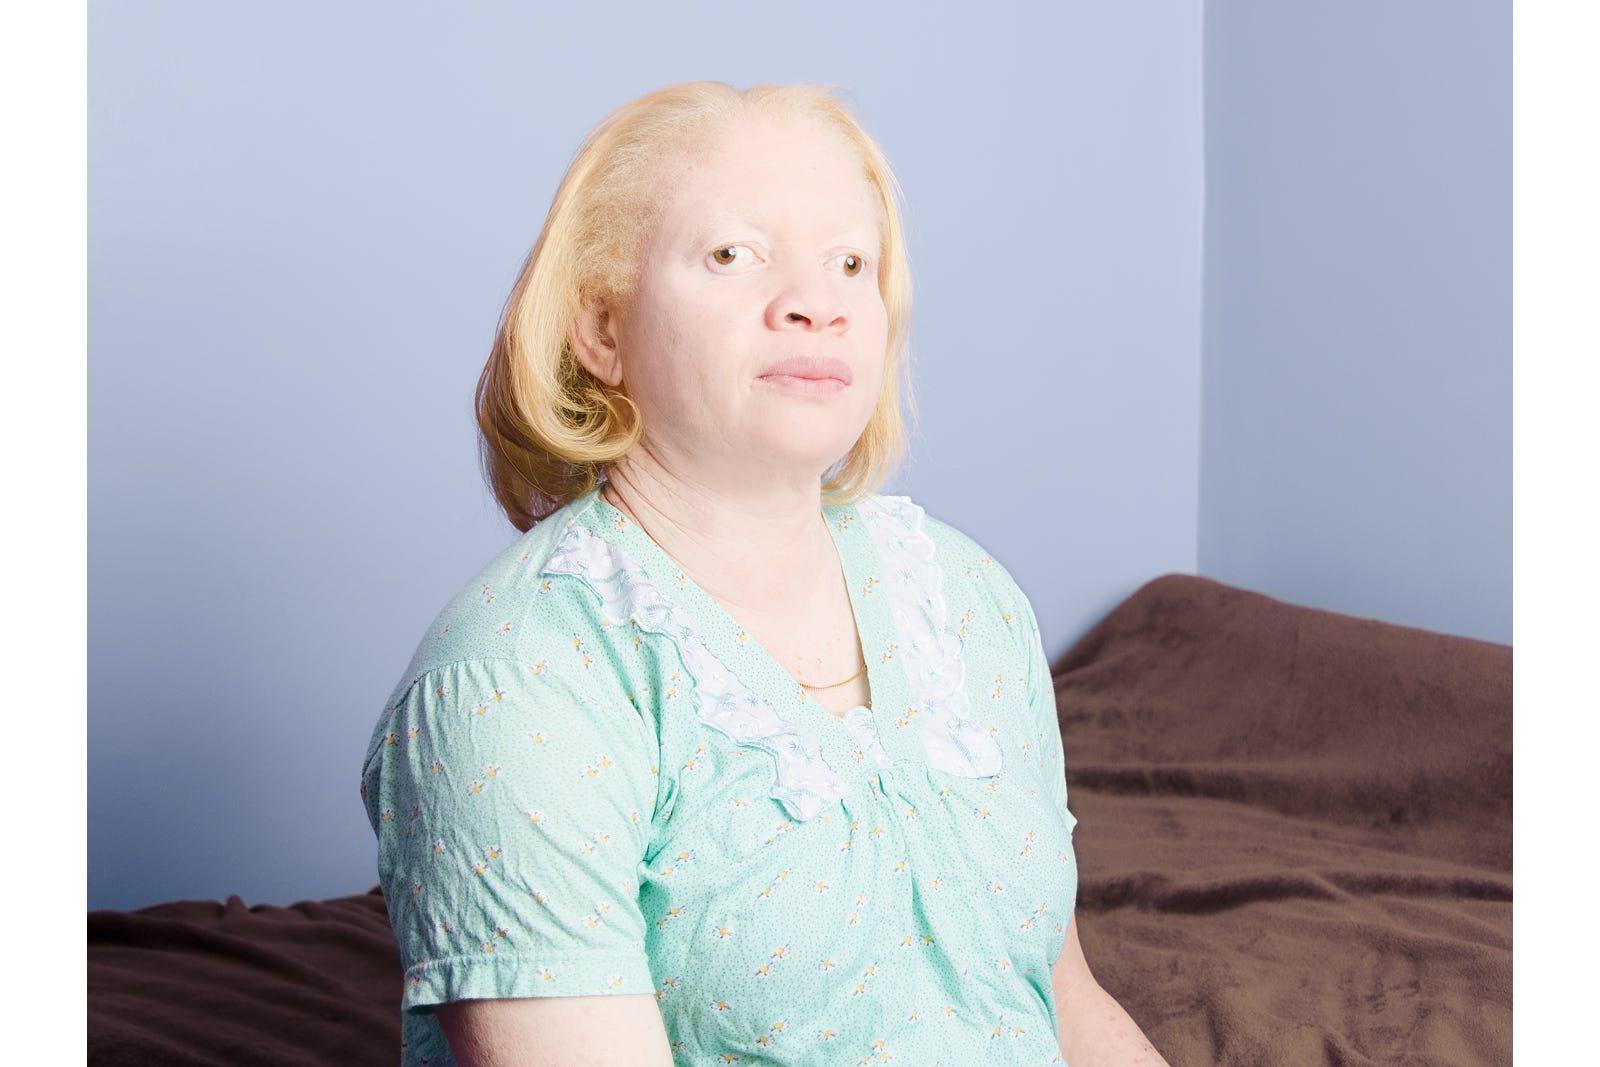 Albino Asian People